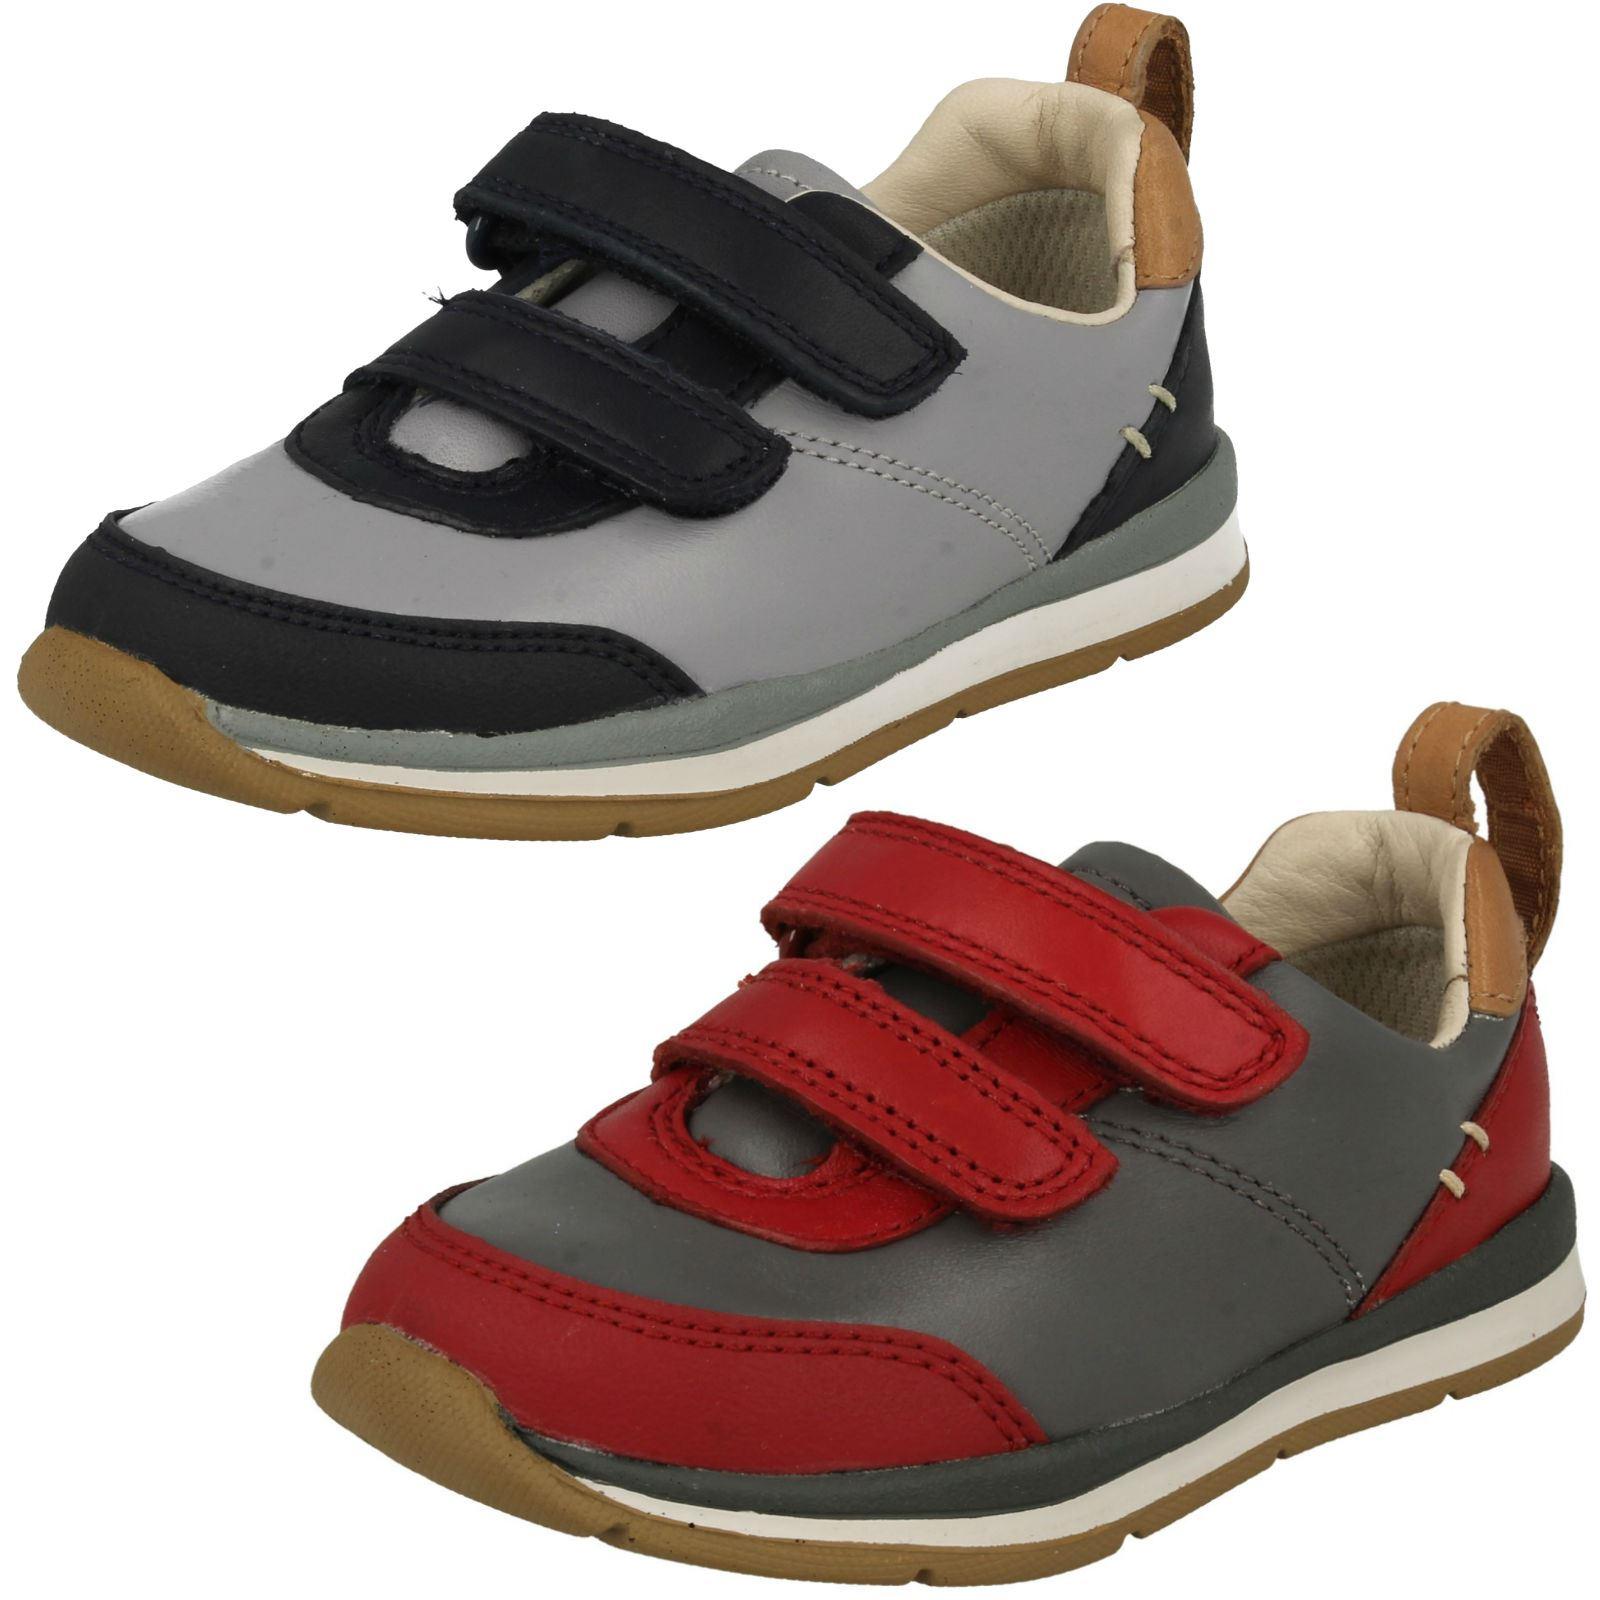 a9c029844aba9 Enfant Garçon Clarks Chaussures Premiers Pas 'Ferris Casquette' | eBay